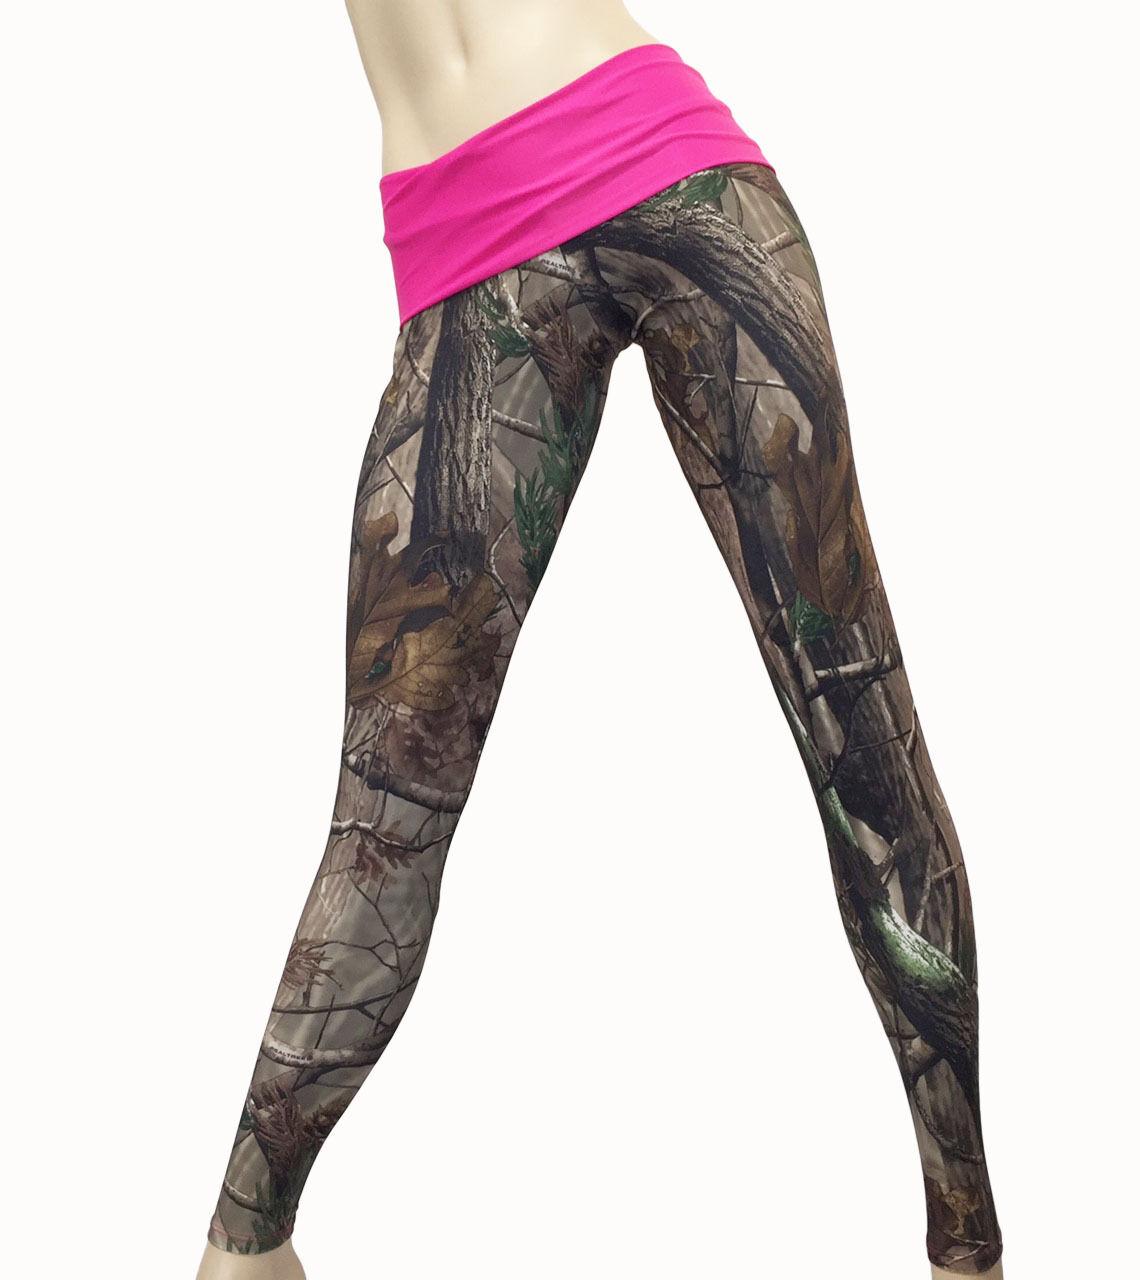 Camo Yoga Pants High Waist Pant Fold Over Pink Camo Legging Camouflage Pants